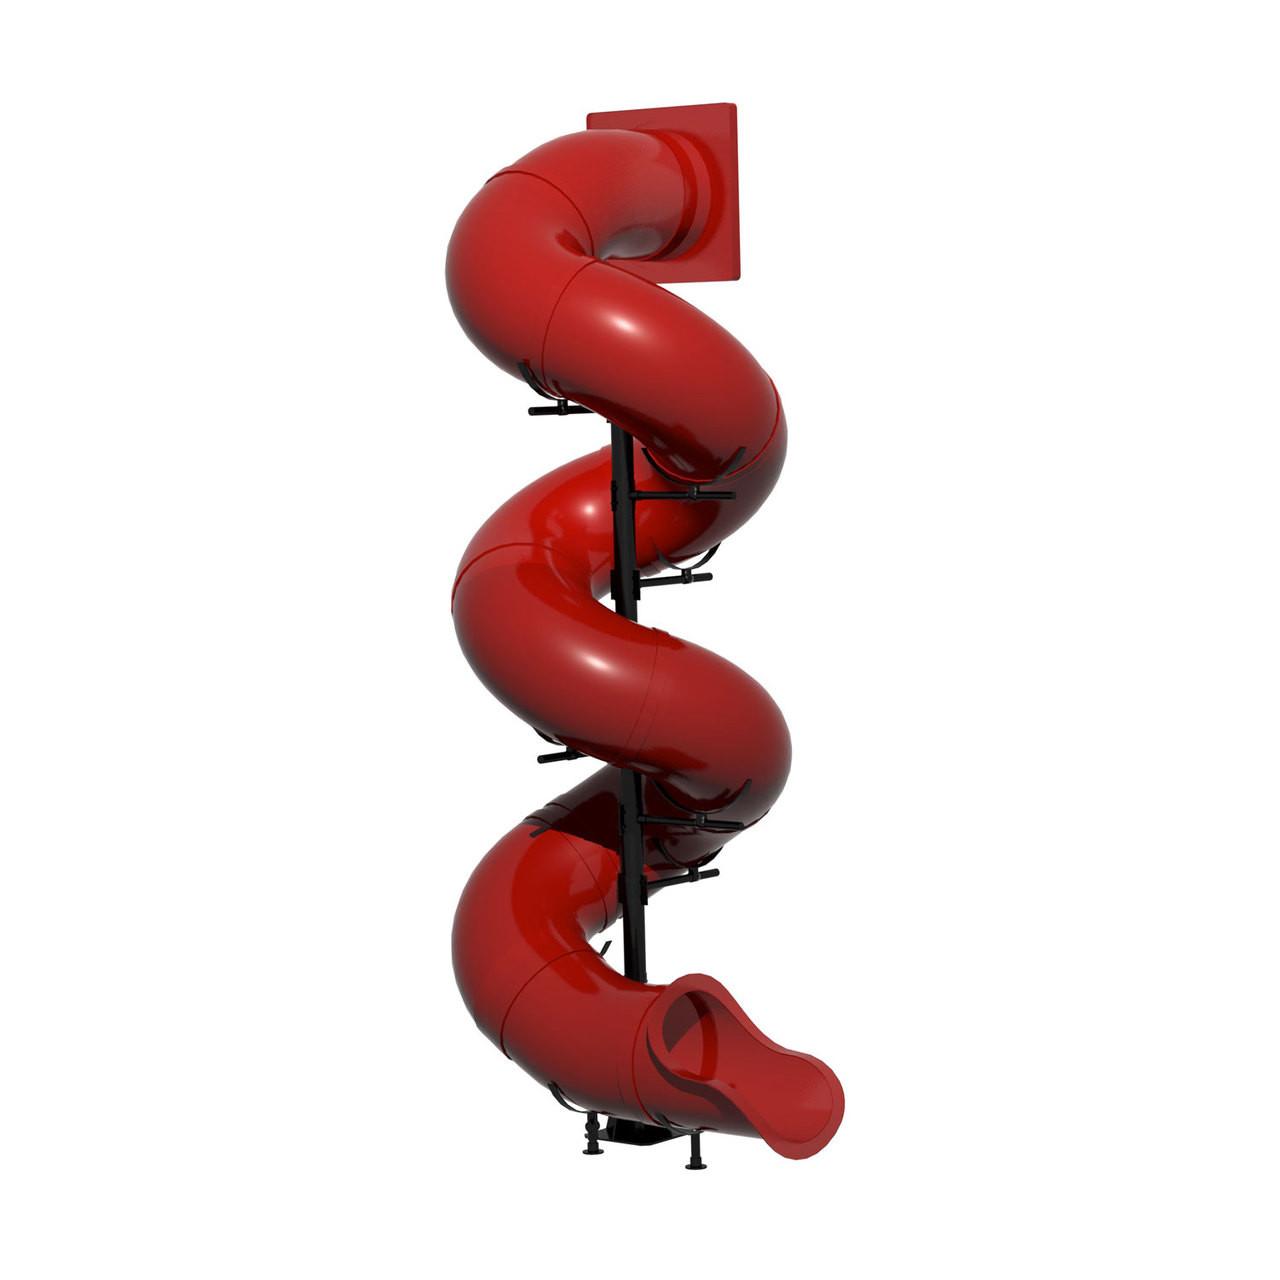 slides 16' Spiral Tube Slide - SwingSetMall.com